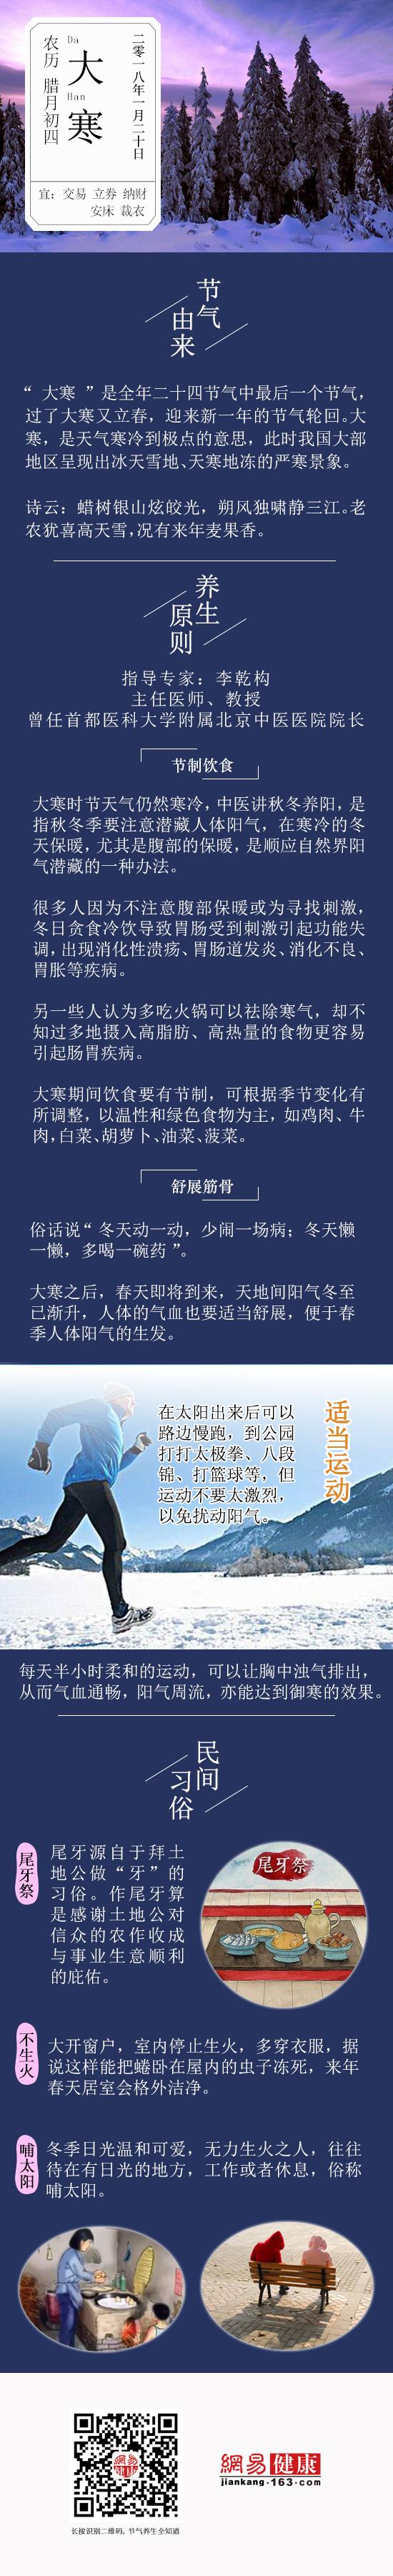 大寒:最末节气迎新年 节制饮食舒筋骨